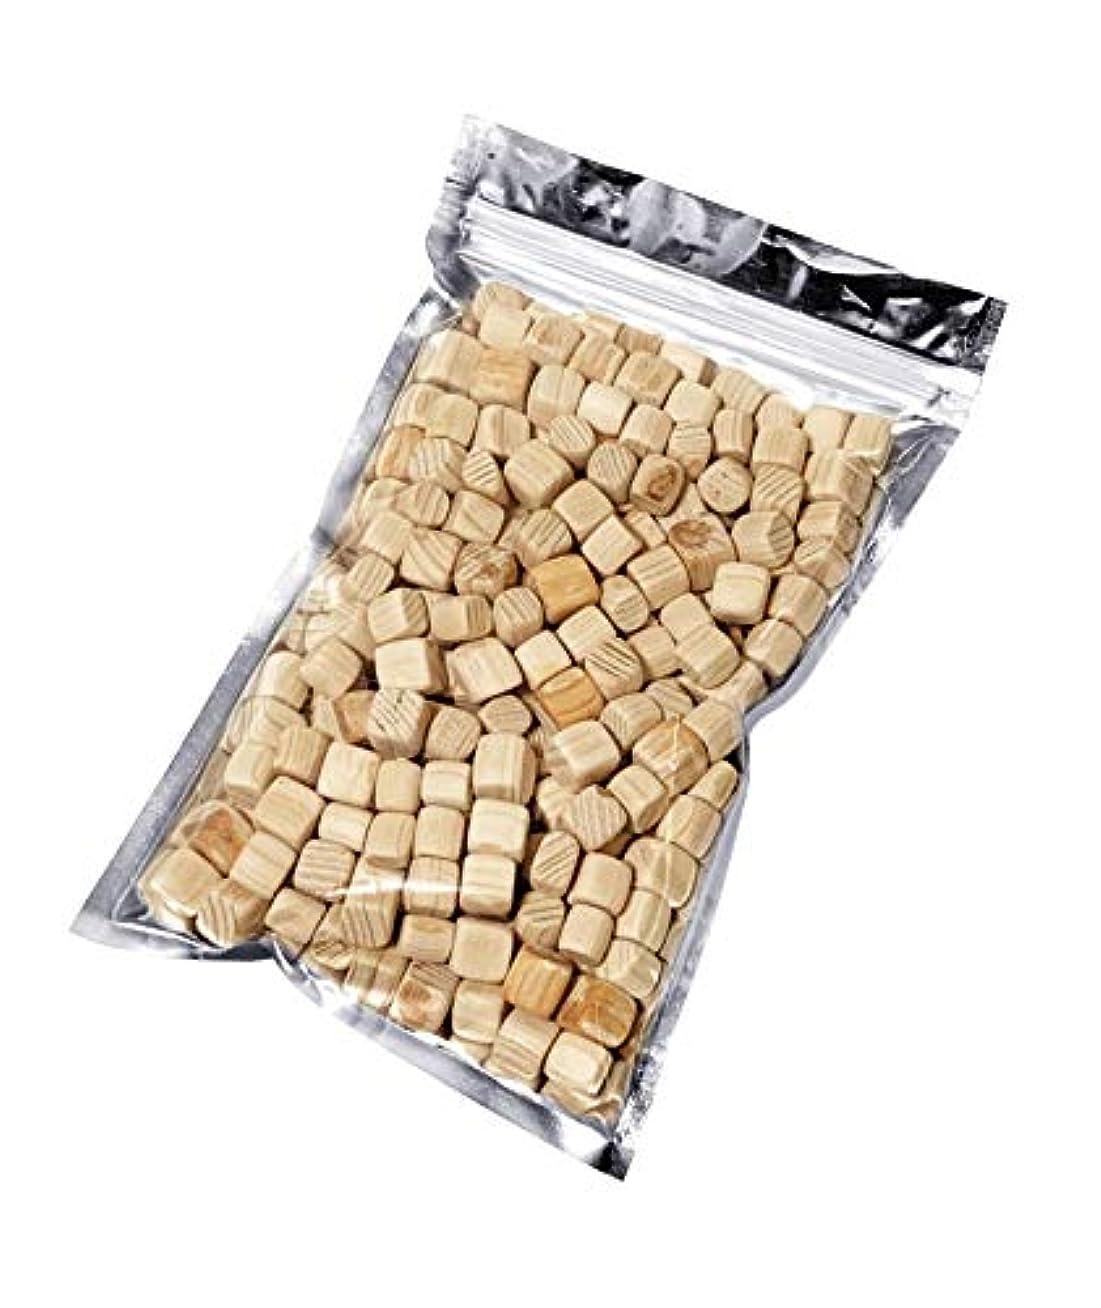 レーニン主義意識的発動機kicoriya 国産ヒノキ キューブ状ブロック 90g サシェ用袋付き